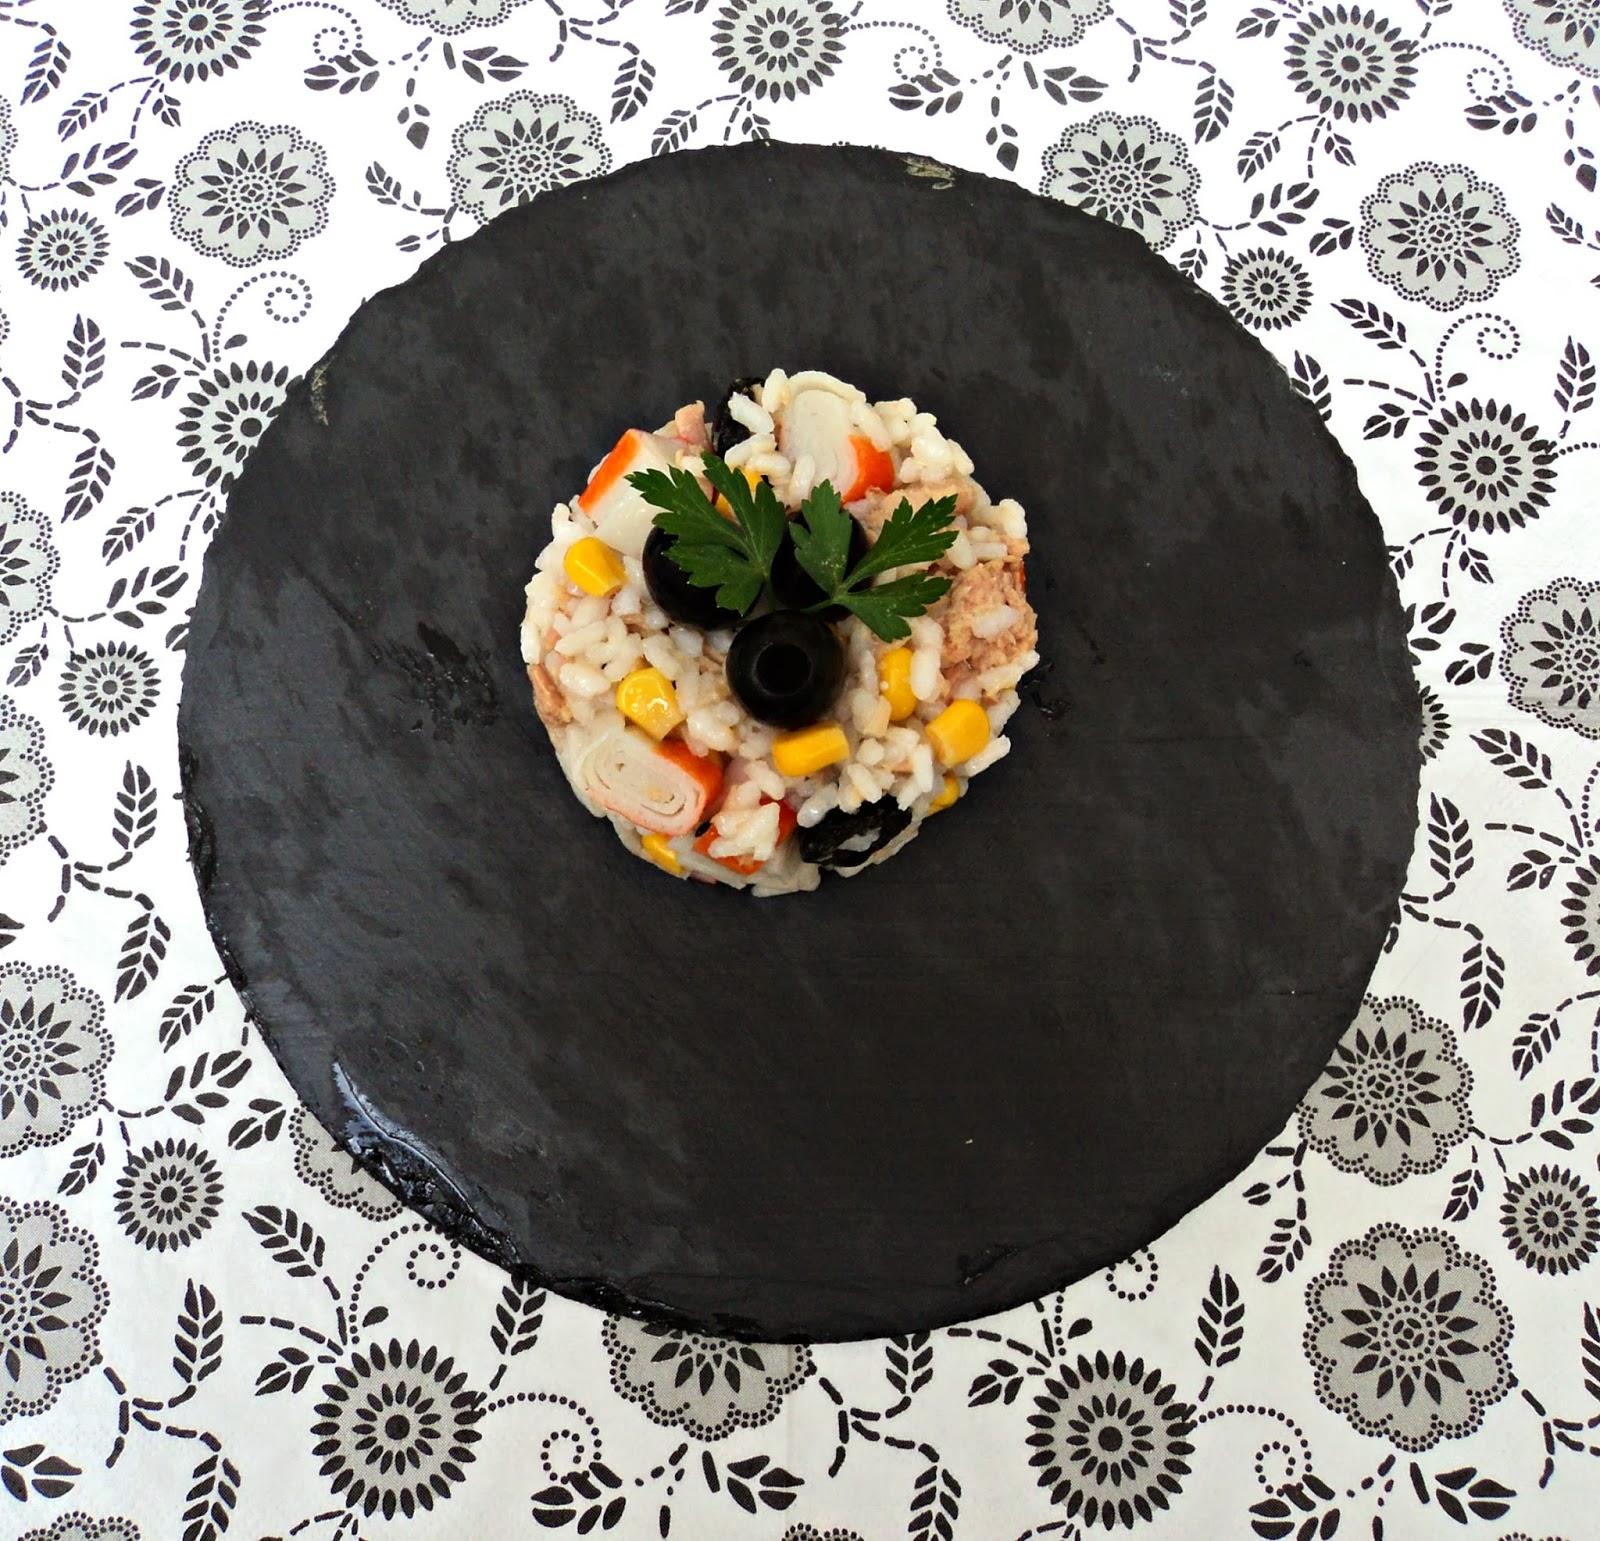 ensalada de arroz marinera para ensaladas originales selección de recetas